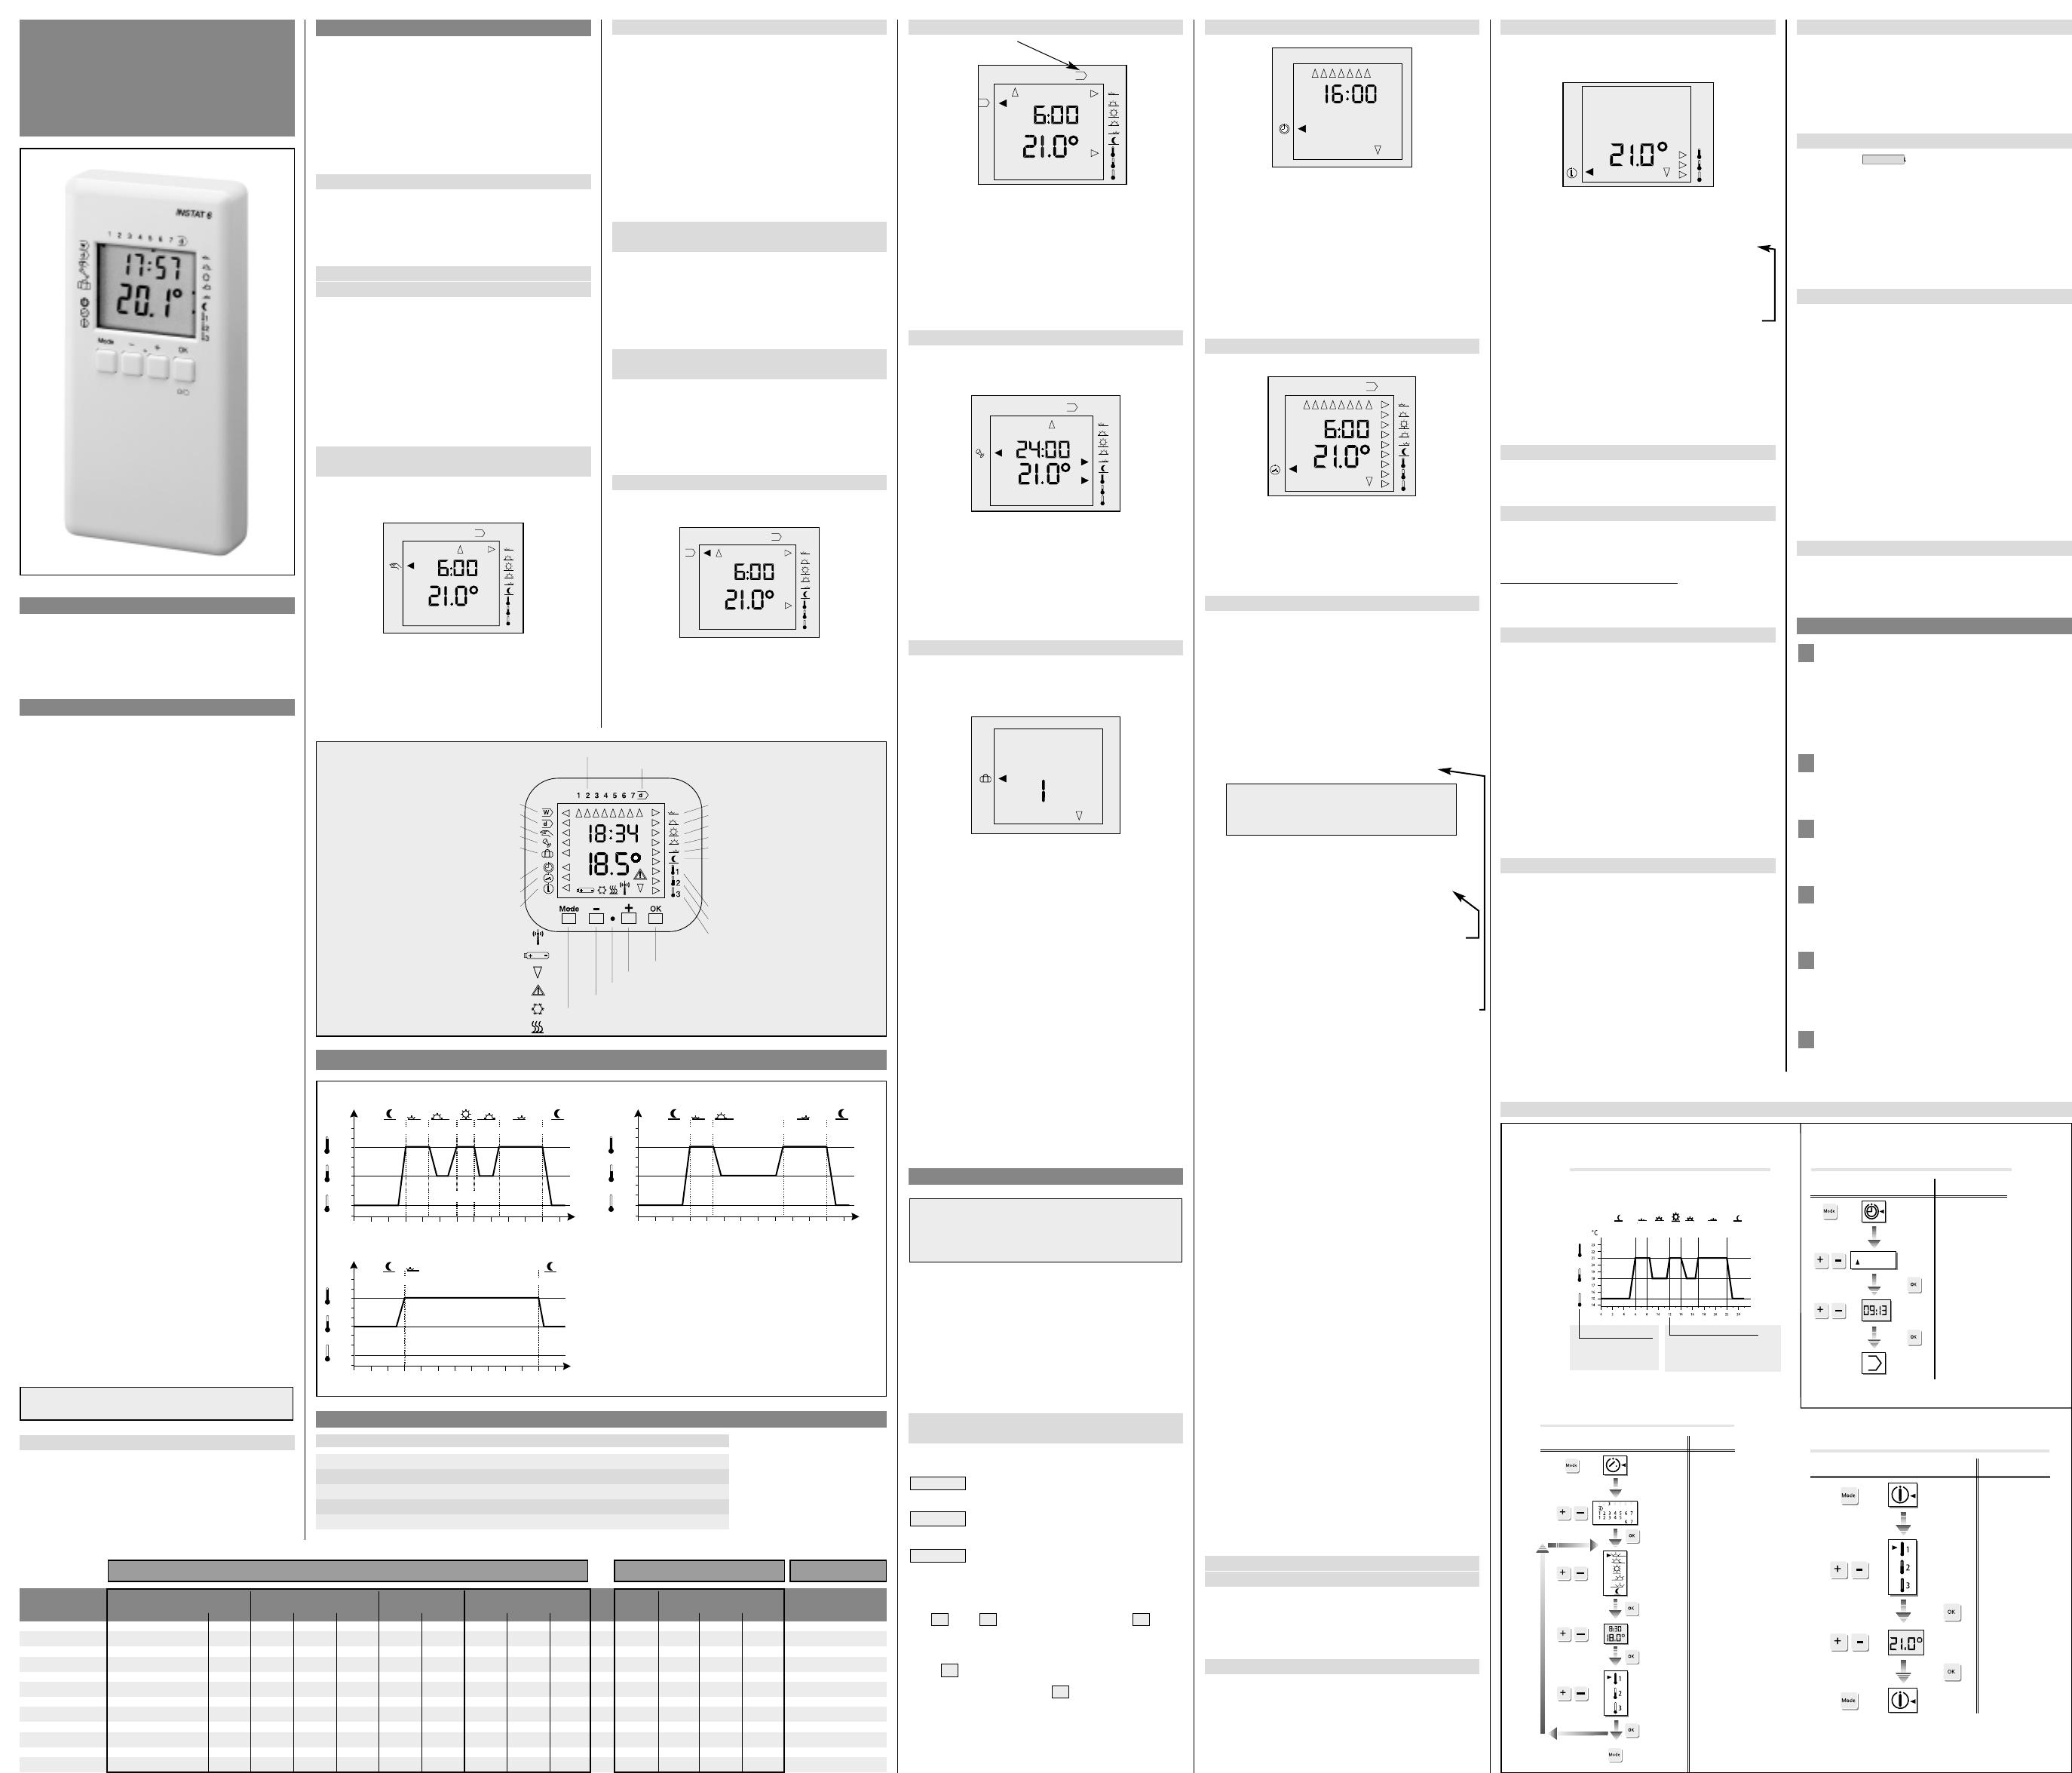 bedienungsanleitung eberle instat 6 2w seite 1 von 2. Black Bedroom Furniture Sets. Home Design Ideas